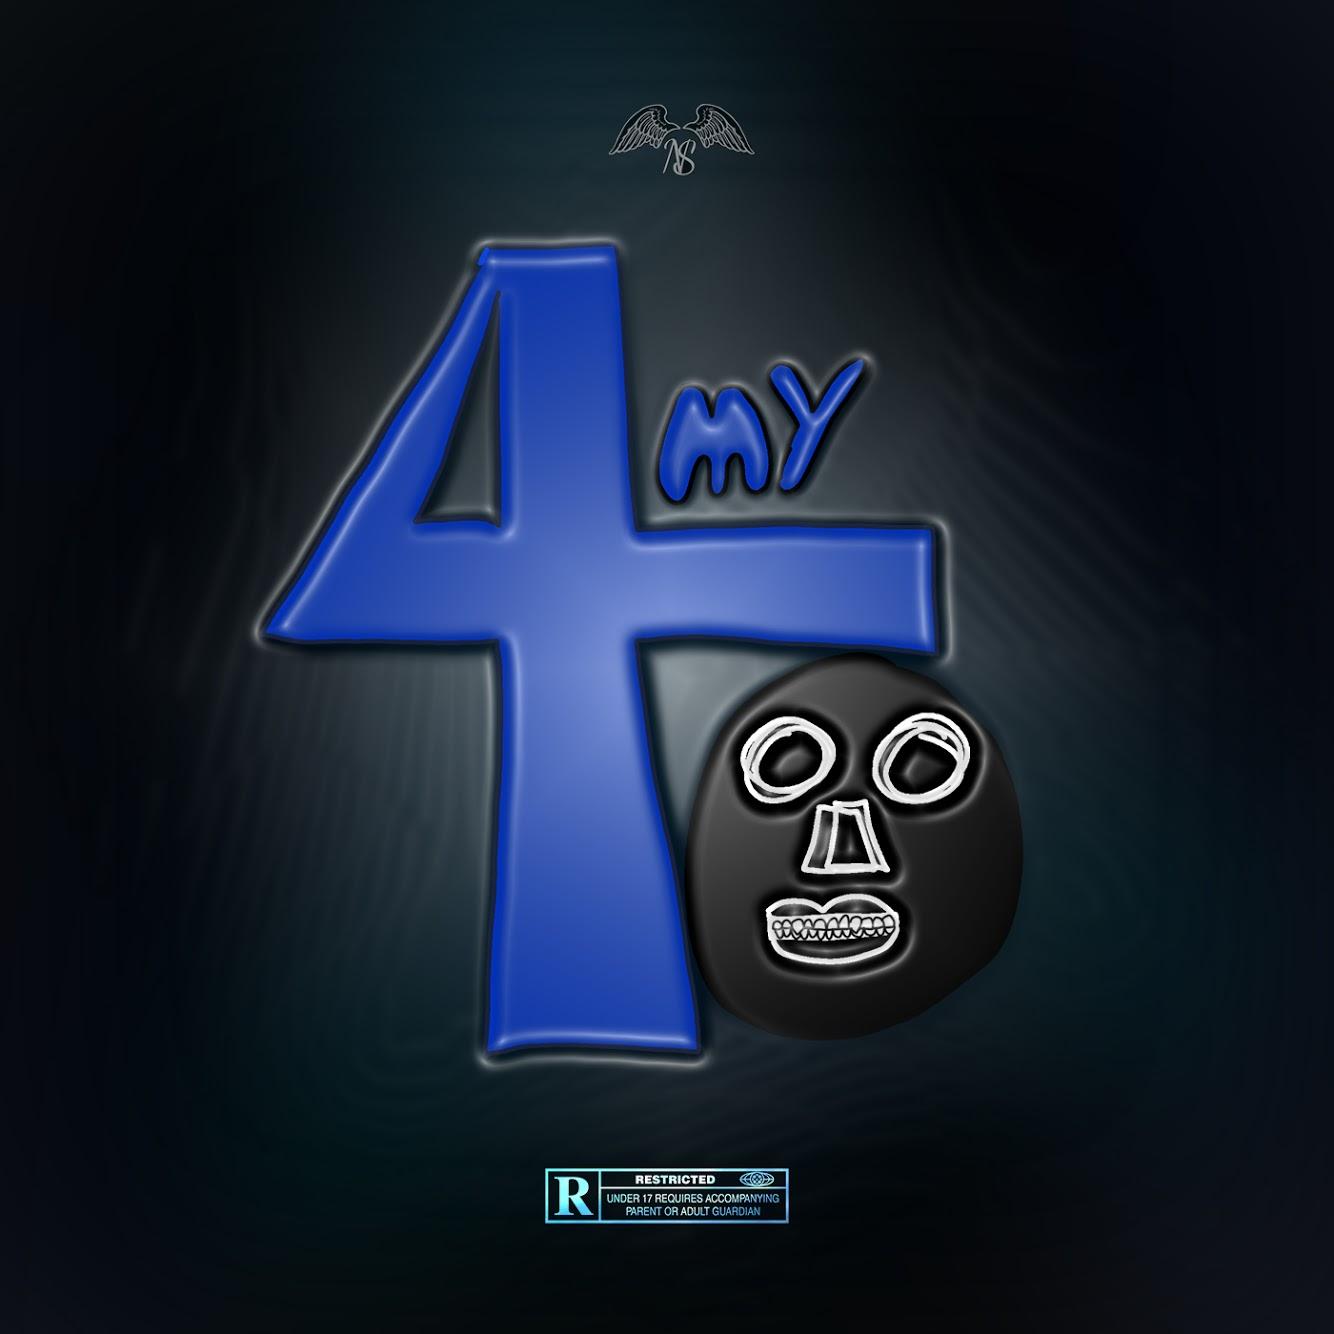 4mysKIN